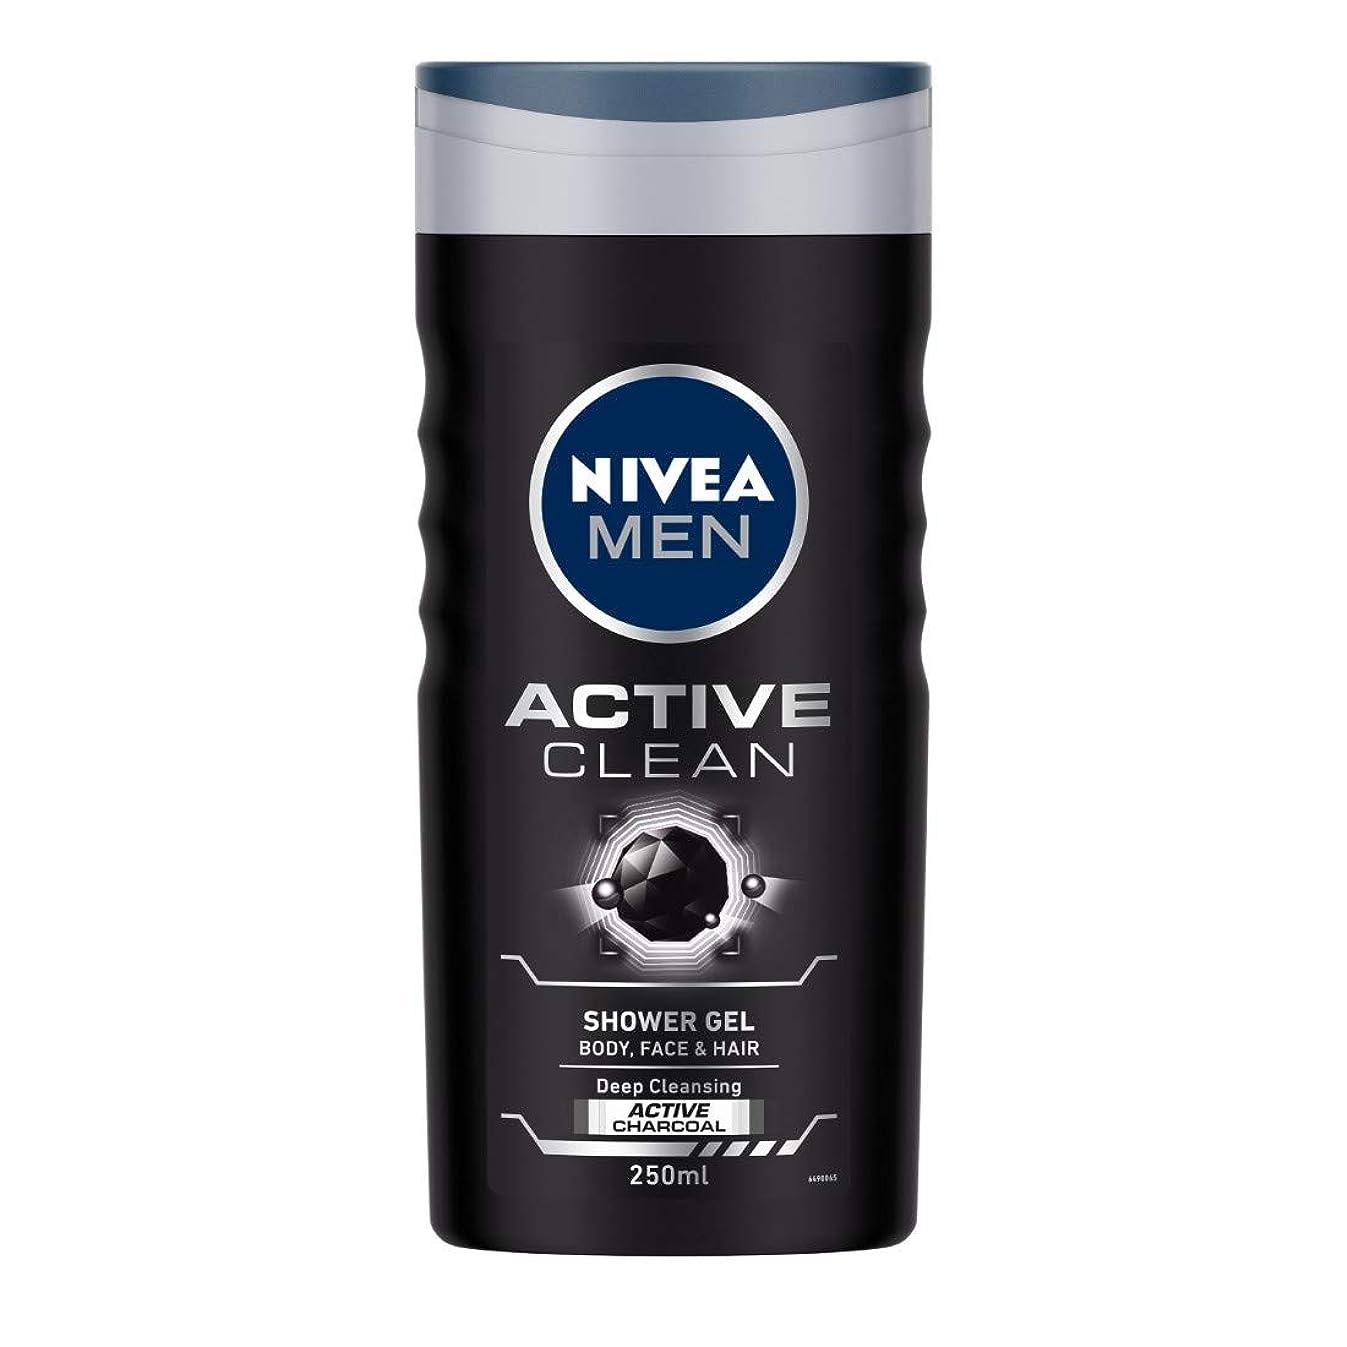 ケント美的角度Nivea Men Active Clean Shower Gel, 250ml